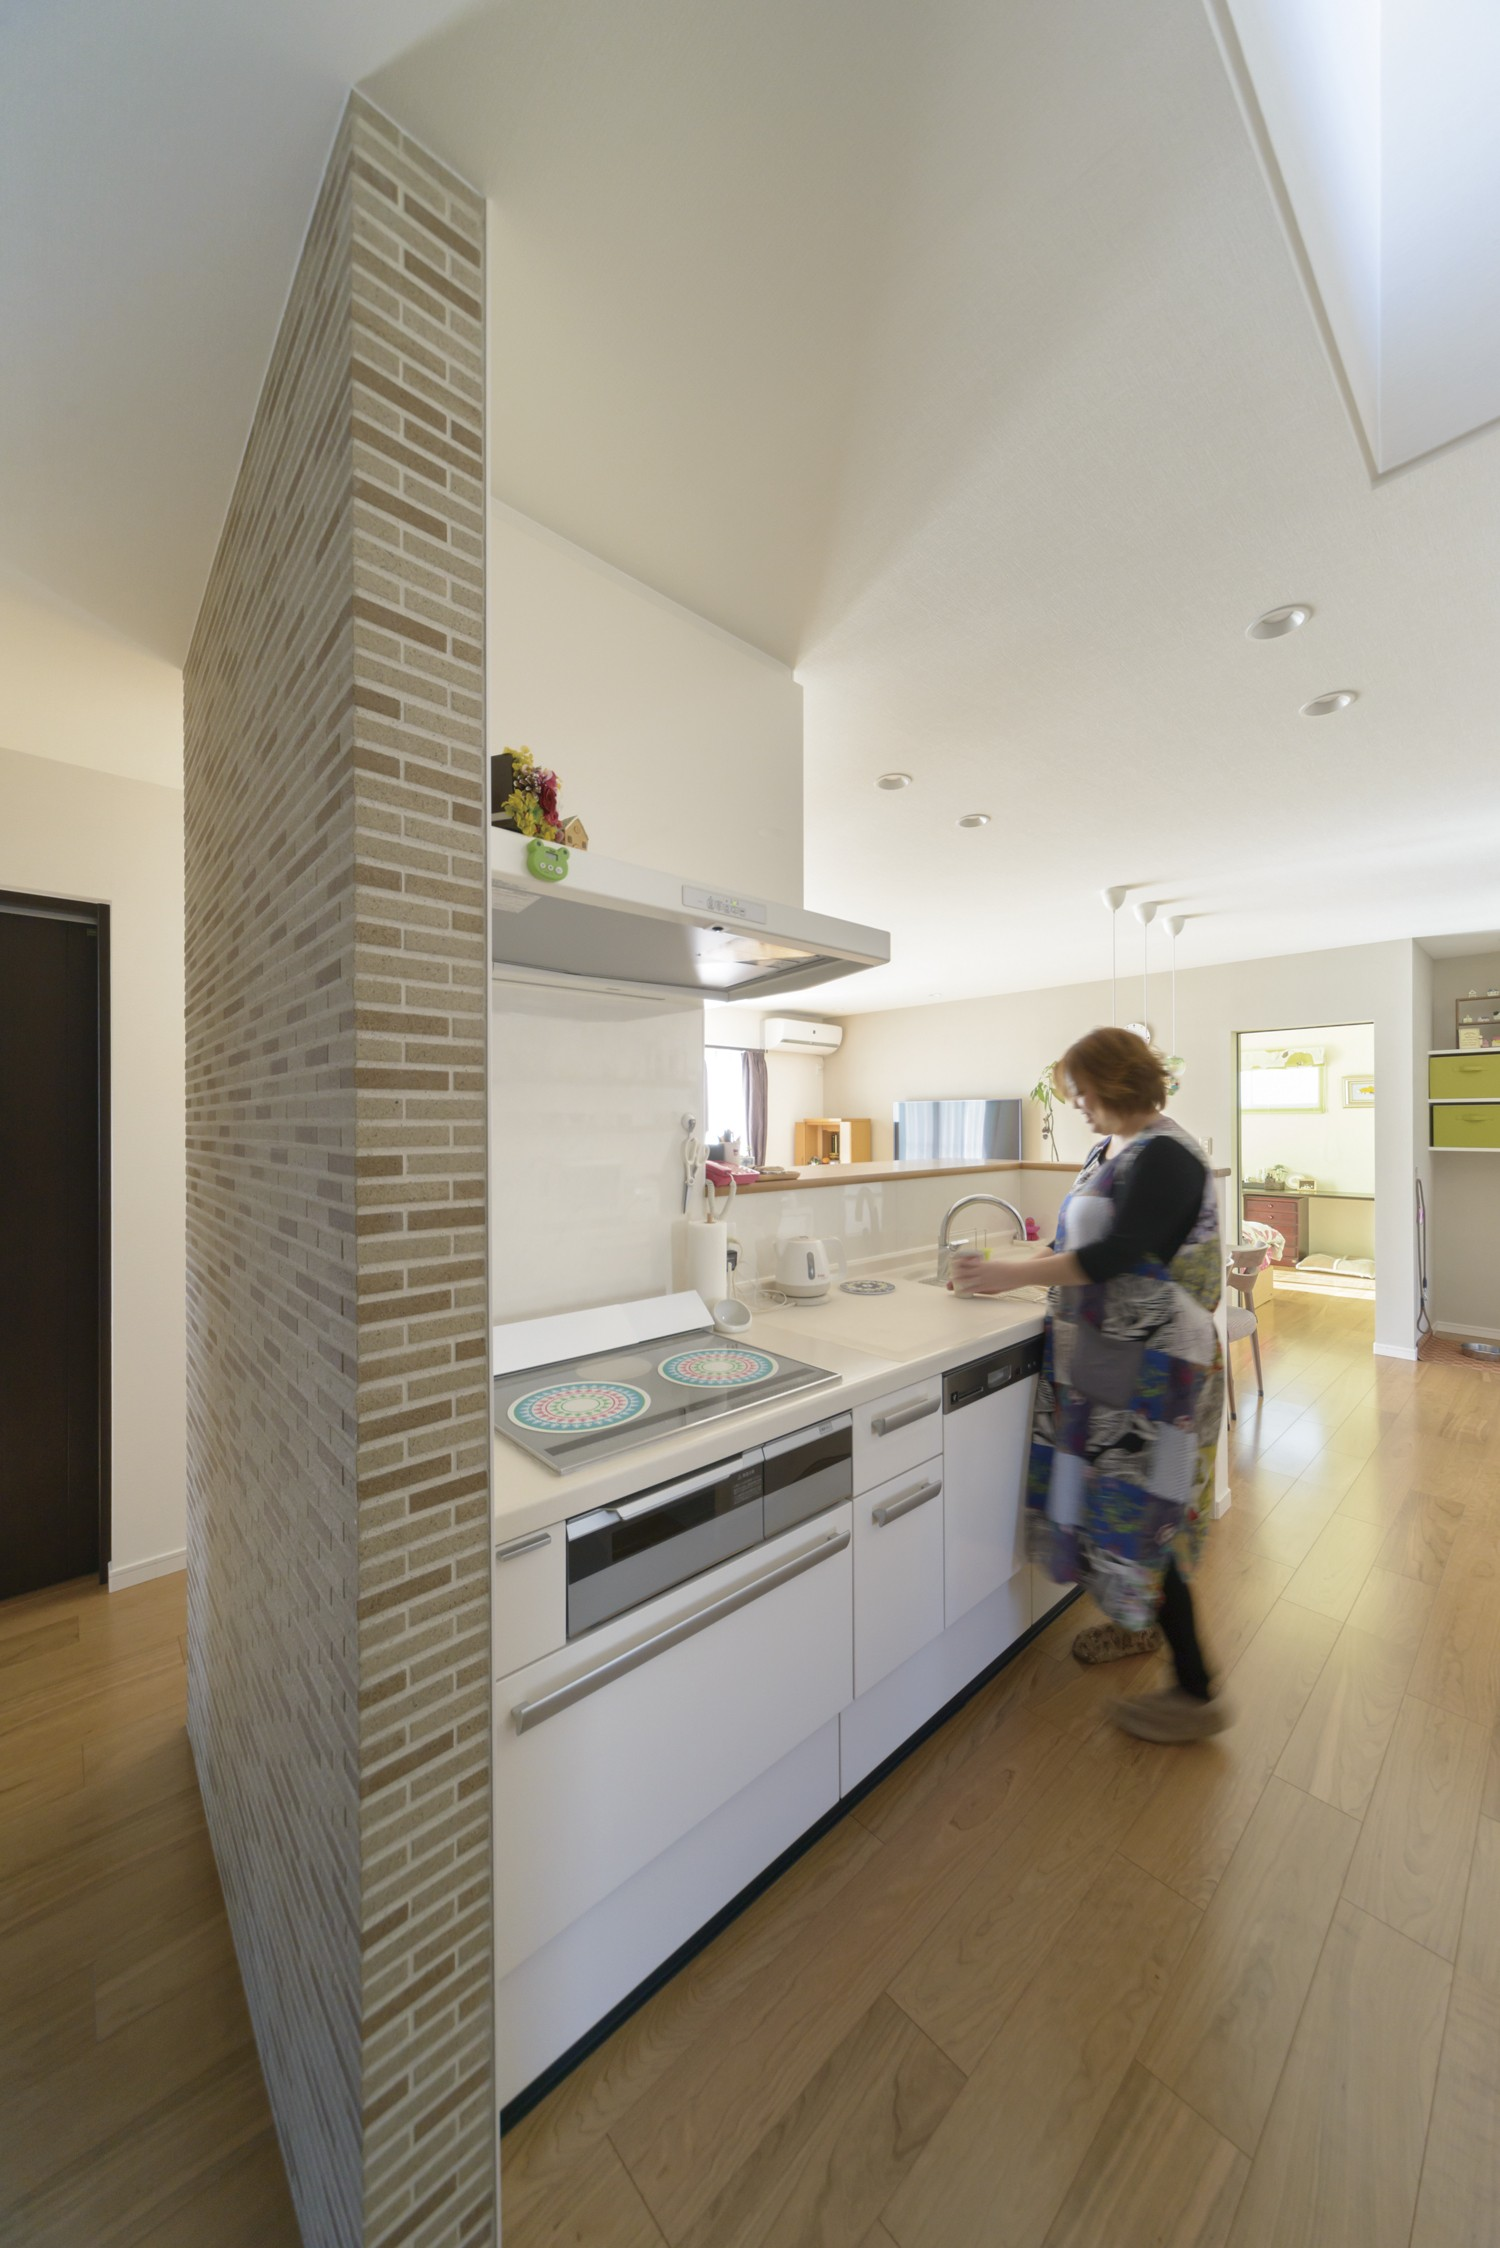 アイランドキッチンを中心に3世代が程よい距離を保つ家 イメージ